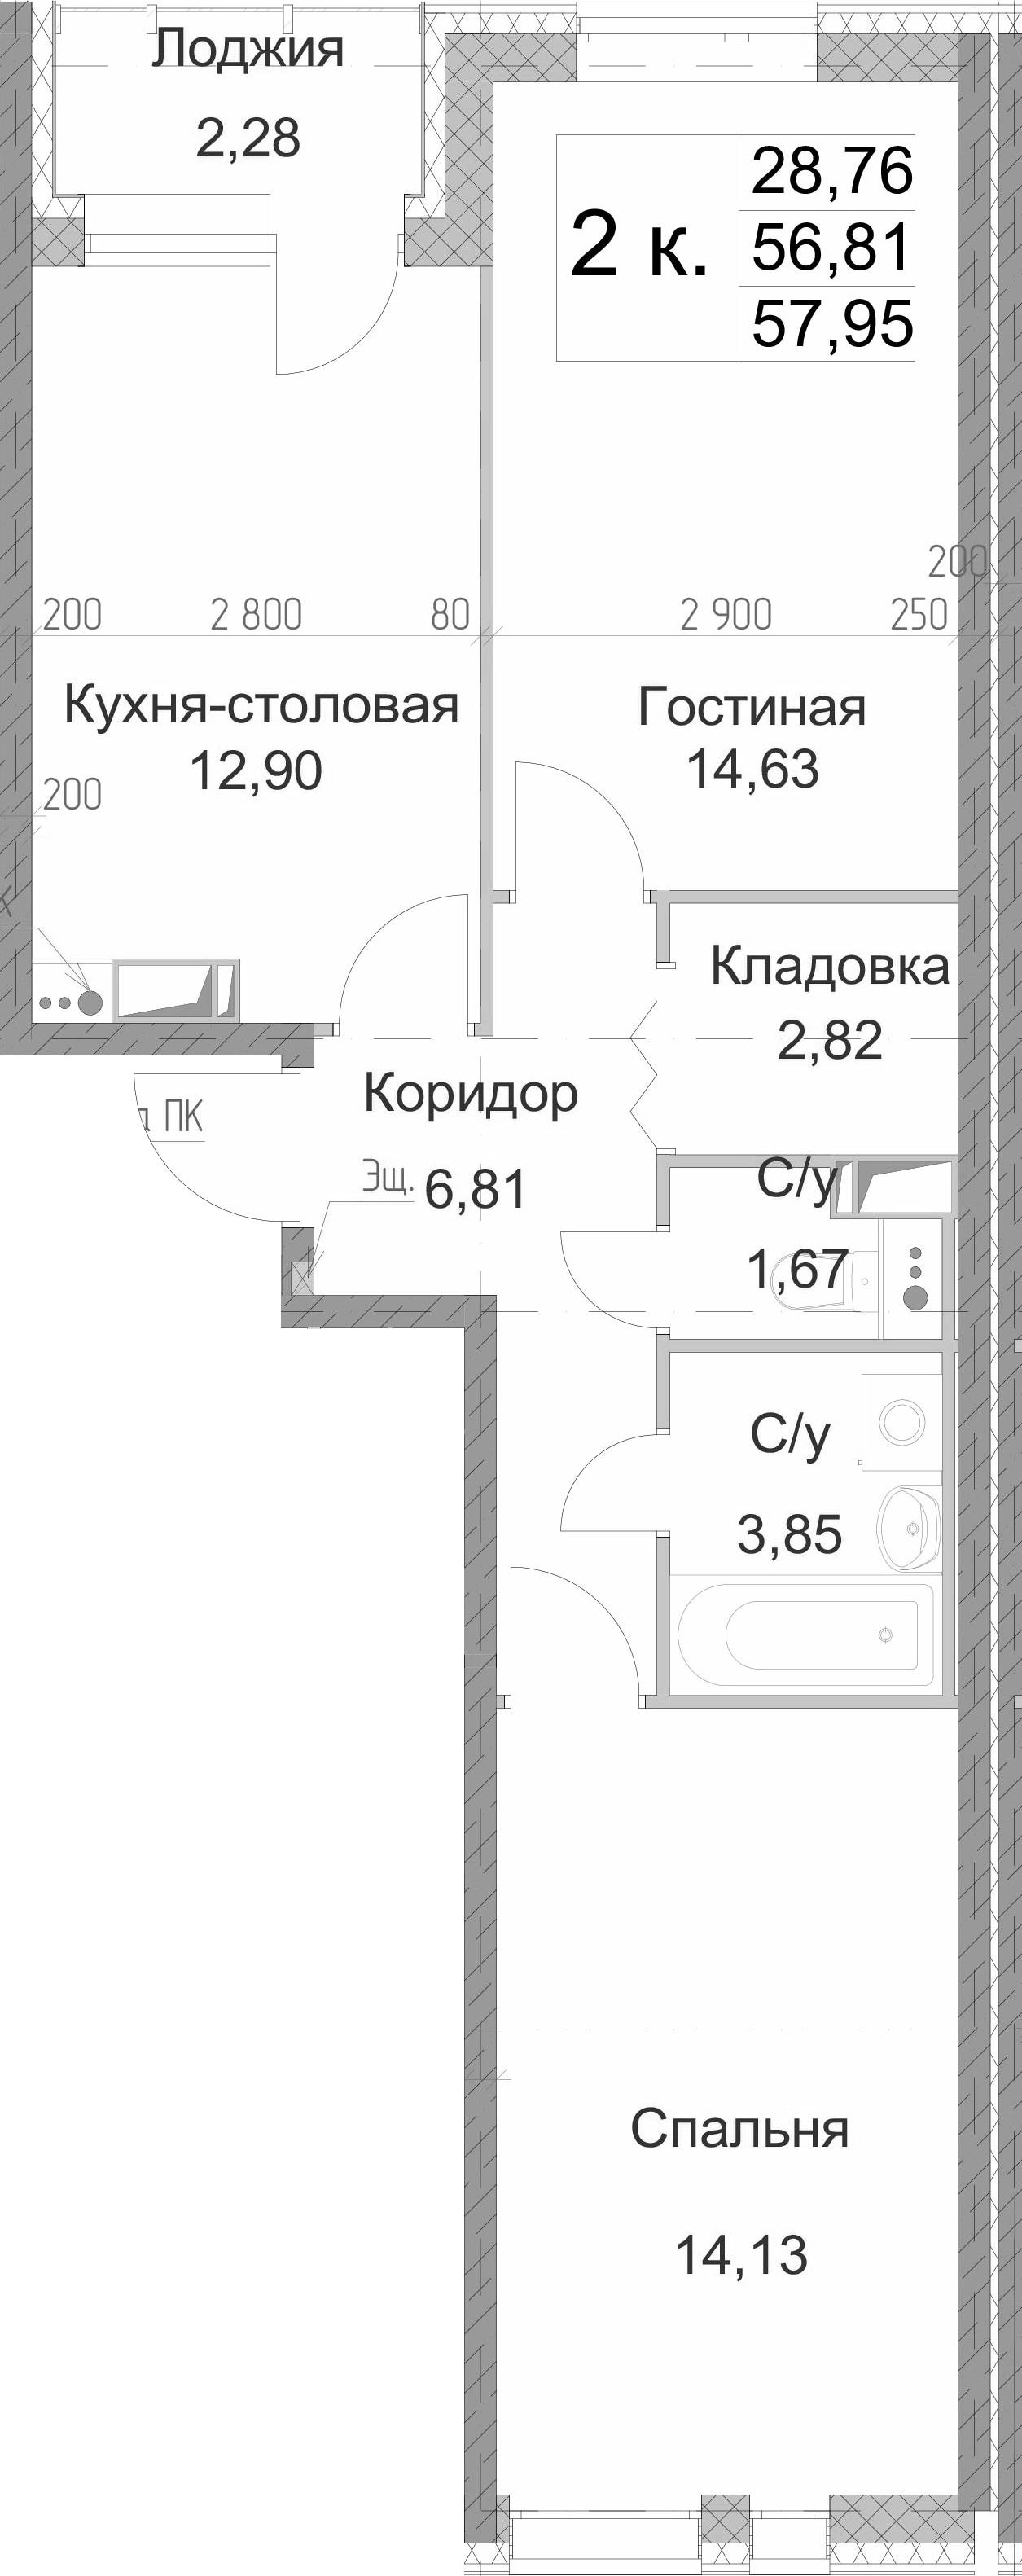 2-к.кв, 57.95 м²